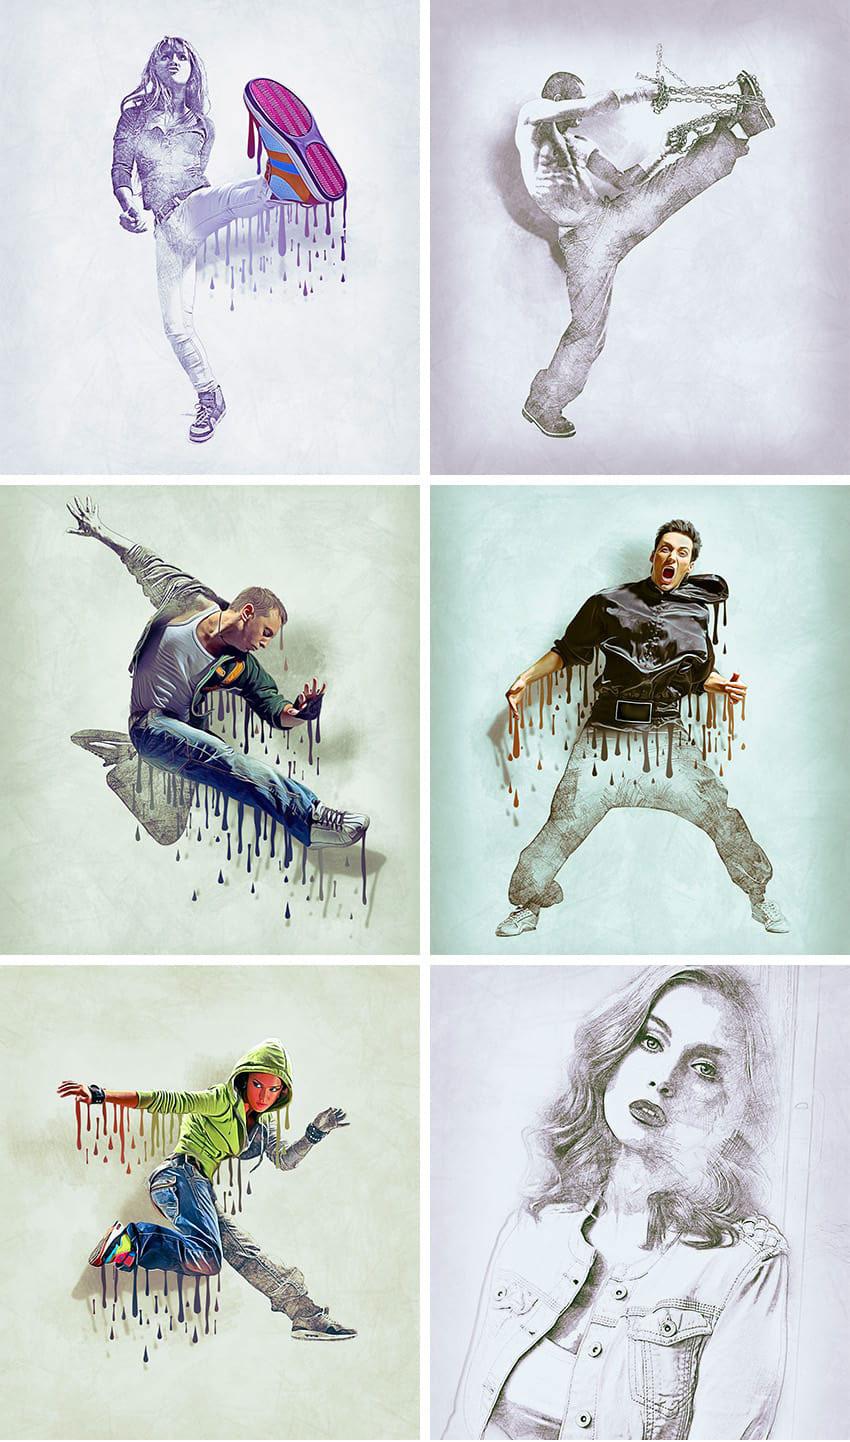 تبدیل عکس به نقاسی مداد رنگی با اثر طرح رنگی و قطرات رنگ